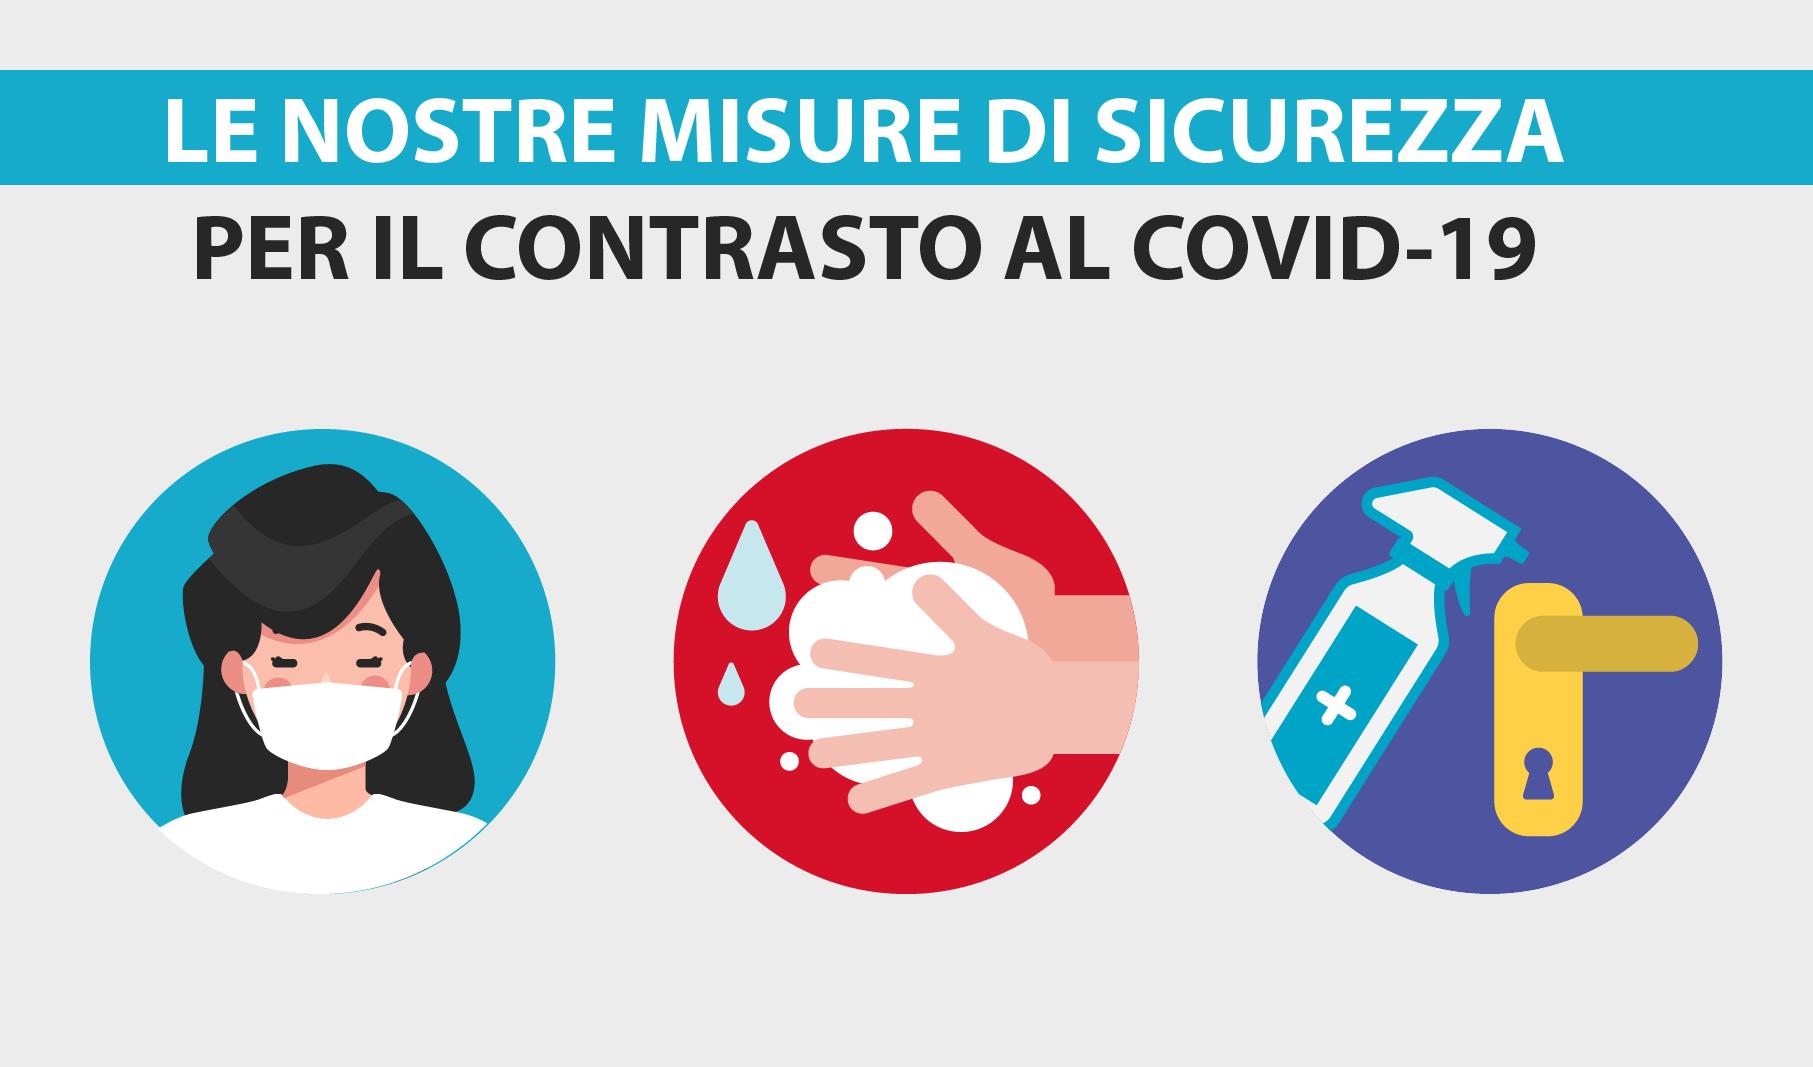 Le nostre misure di sicurezza per il contrasto alla diffusione del  CoronaVirus - Studio Dentistico Michelangelo 13